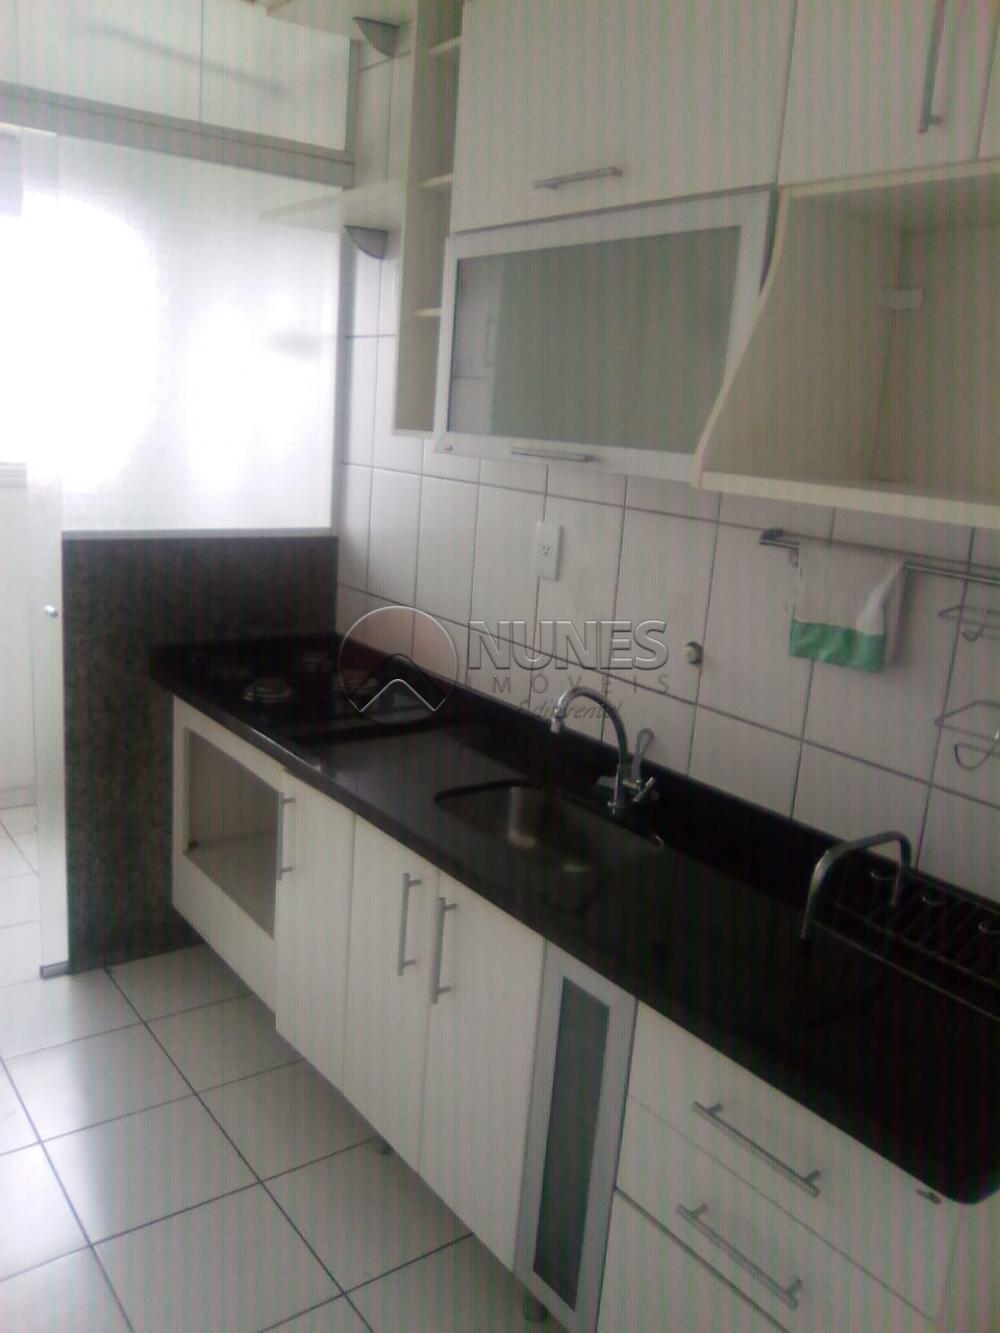 Comprar Apartamento / Padrão em Carapicuíba apenas R$ 215.000,00 - Foto 3